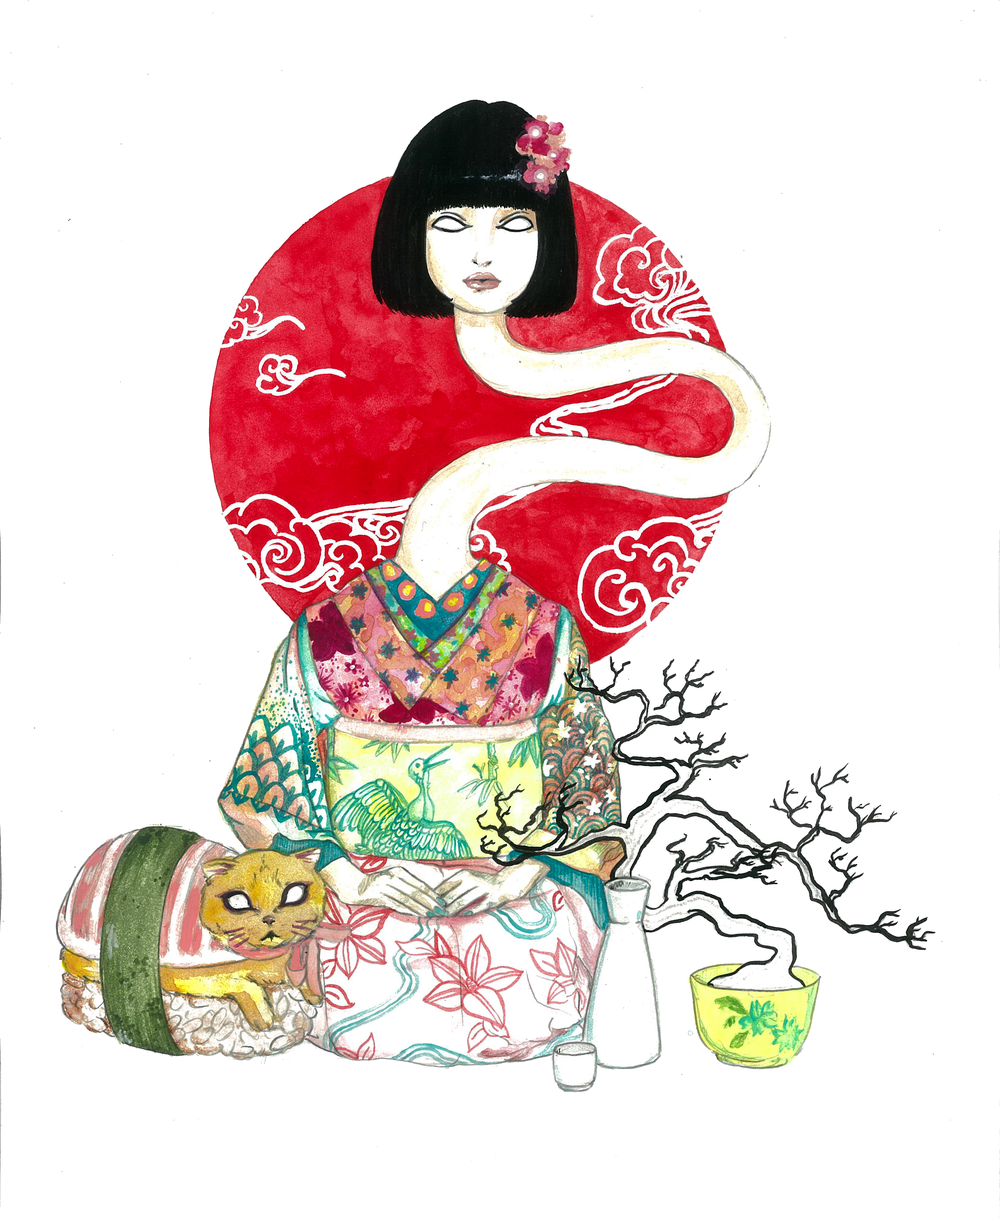 CANDY KUO - ART